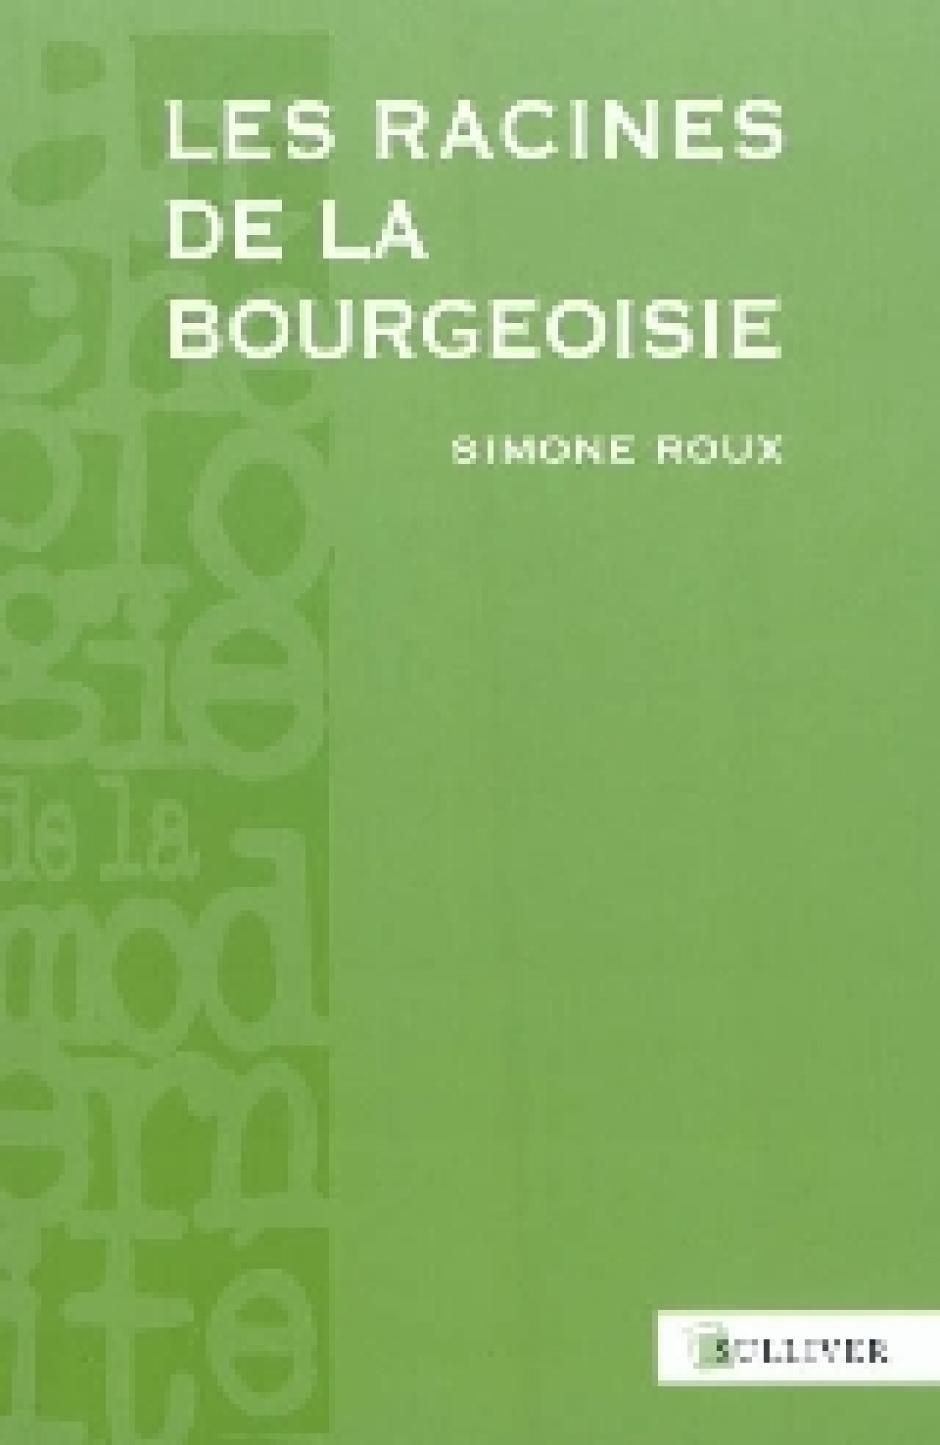 Quelques réflexions sur l'histoire de la bourgeoisie occidentale, Simone Roux*